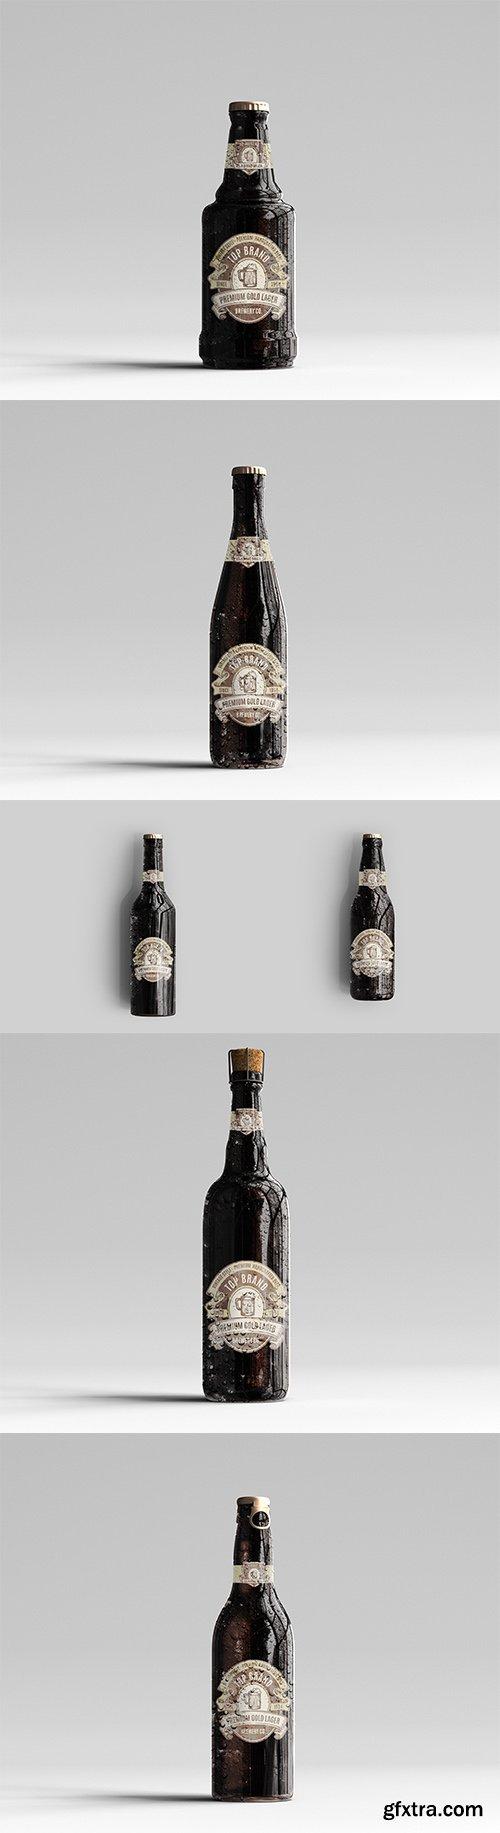 Amber Glass Beer Bottle Mockup Pack